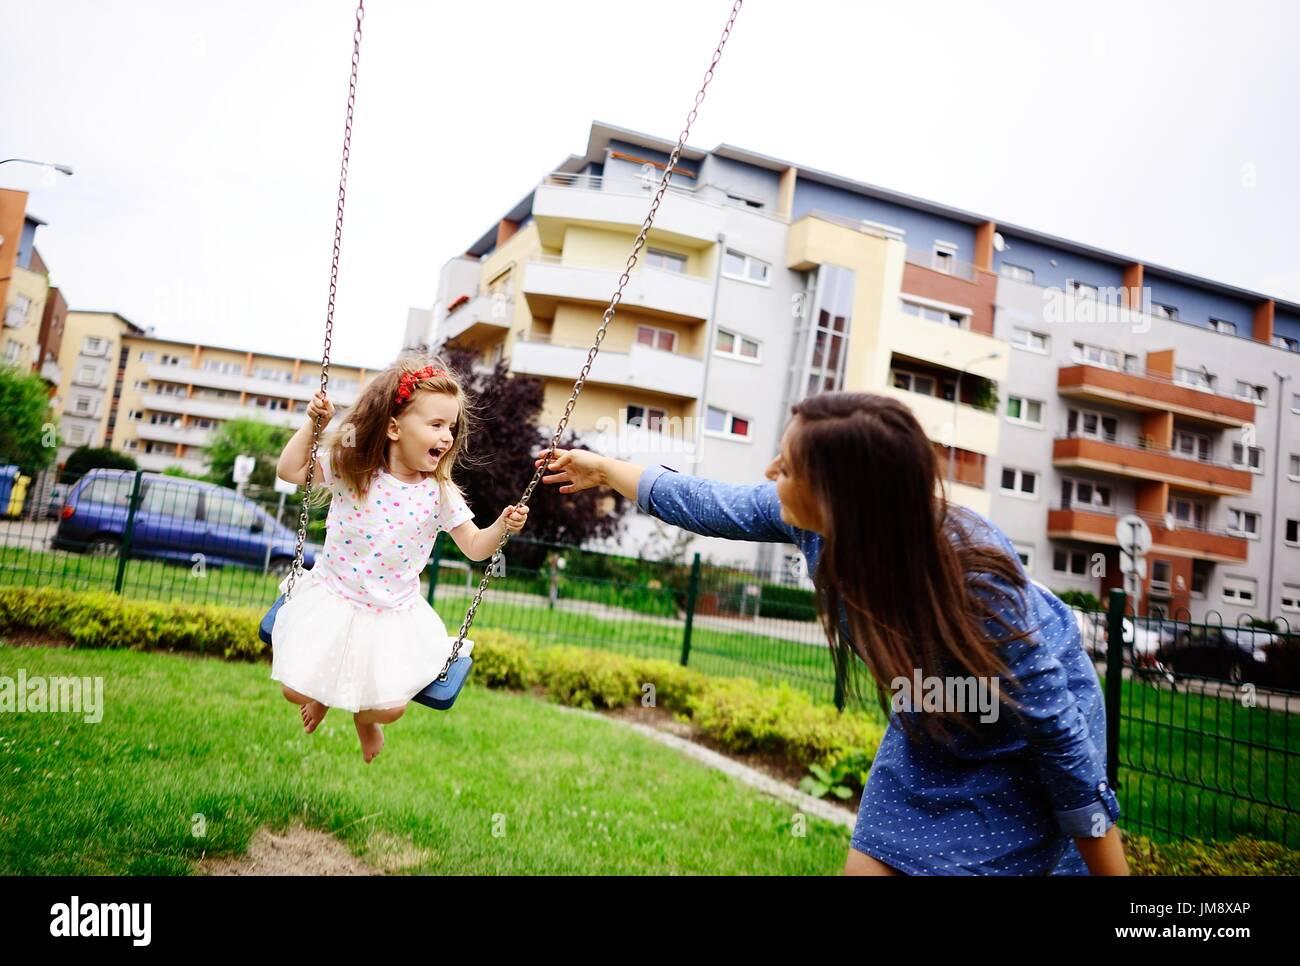 Junge Mutter spielt mit der kleinen Tochter auf dem Spielplatz. Frau schüttelt das Baby auf einer Schaukel. Ruhigen Sommertag. Gute Laune. Stockbild